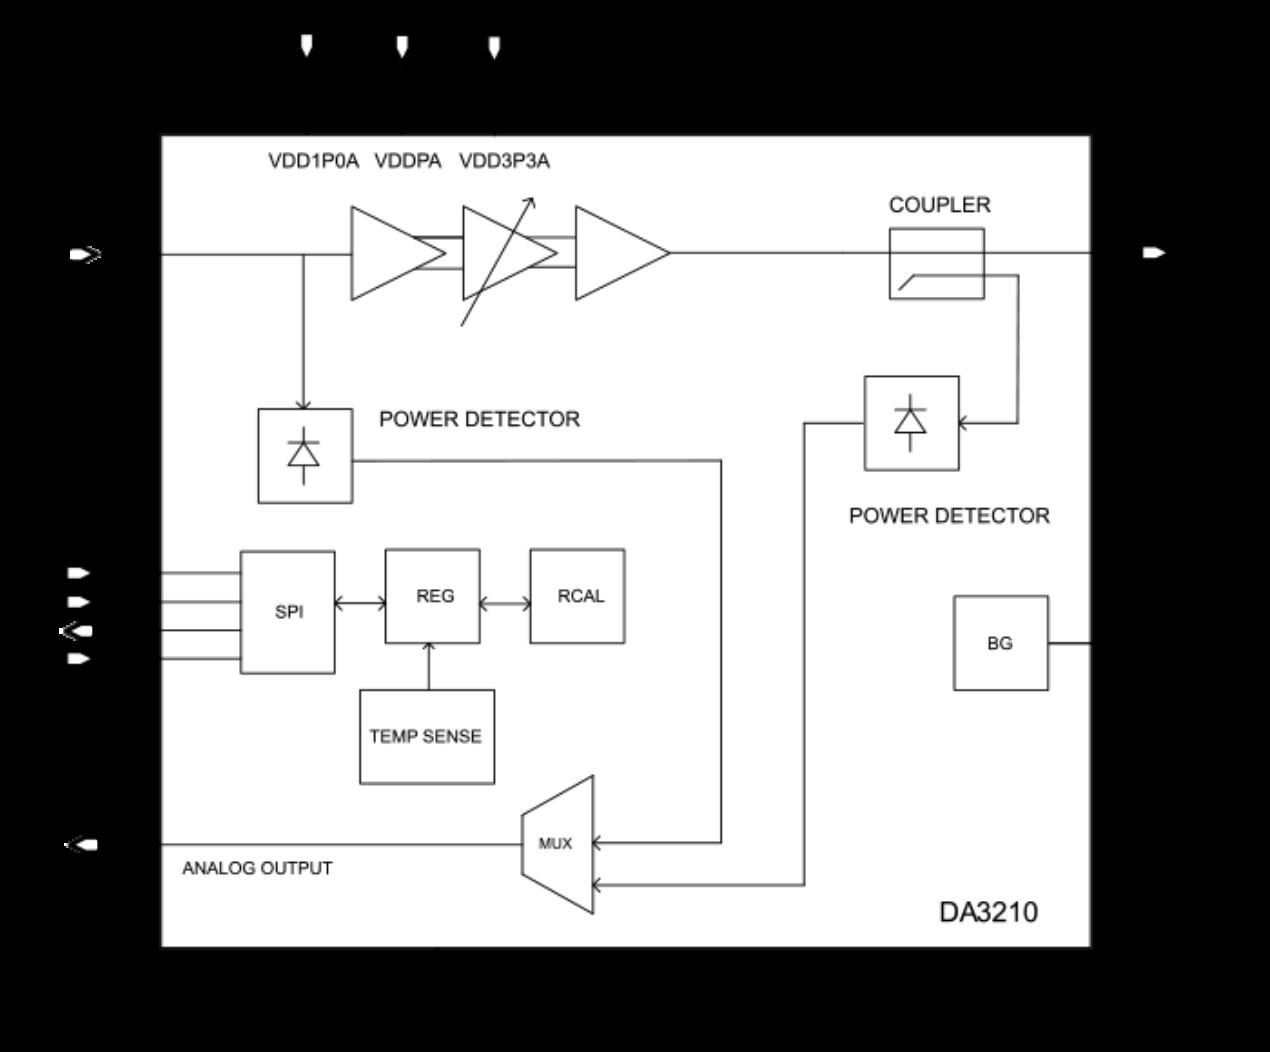 Da3210 block diagram